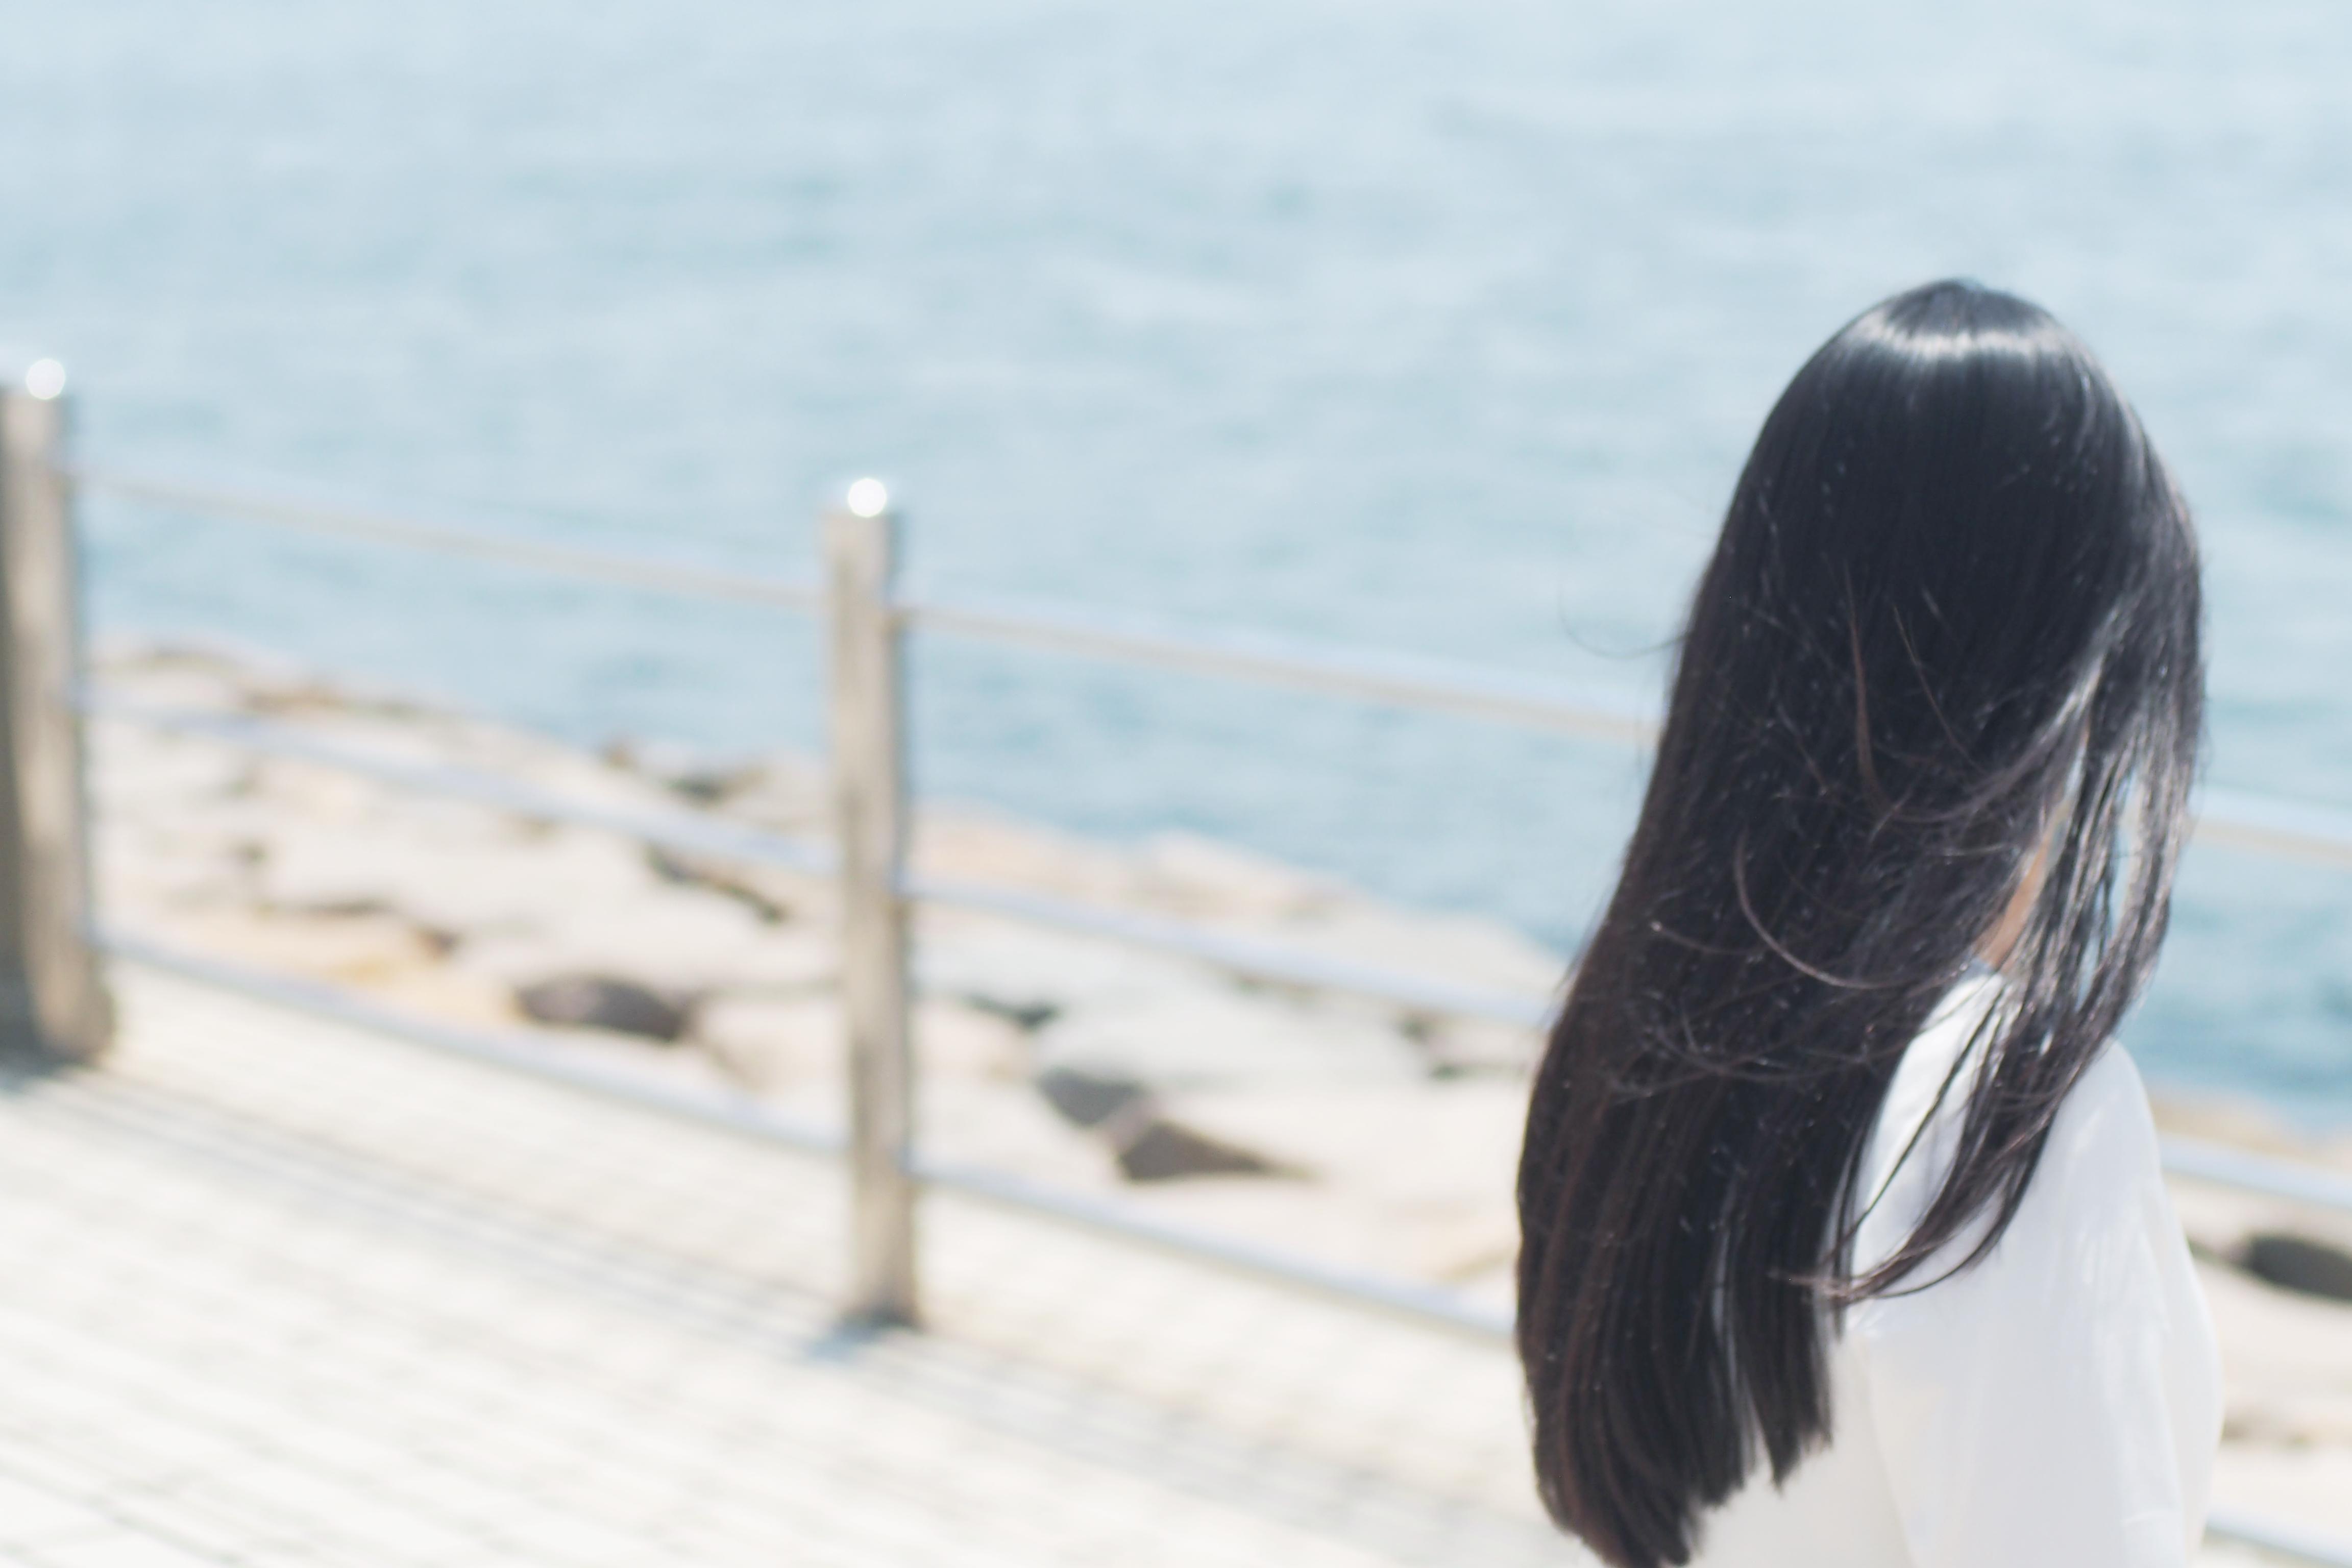 ロングヘアが風になびく黒髪の女性